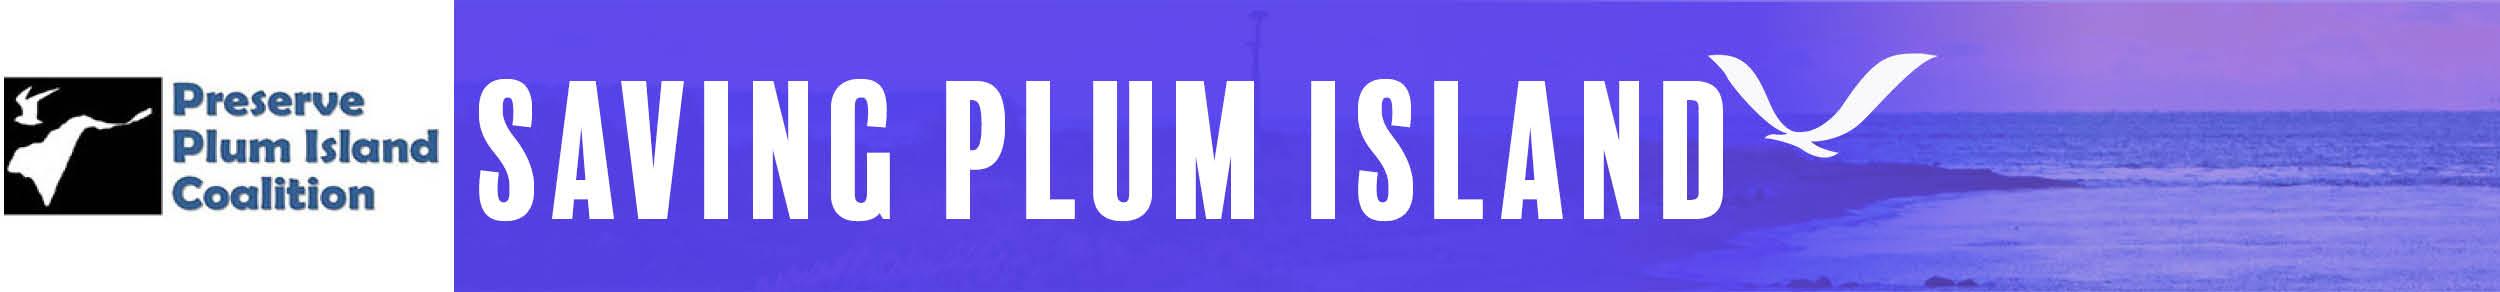 www.preserveplumisland.org